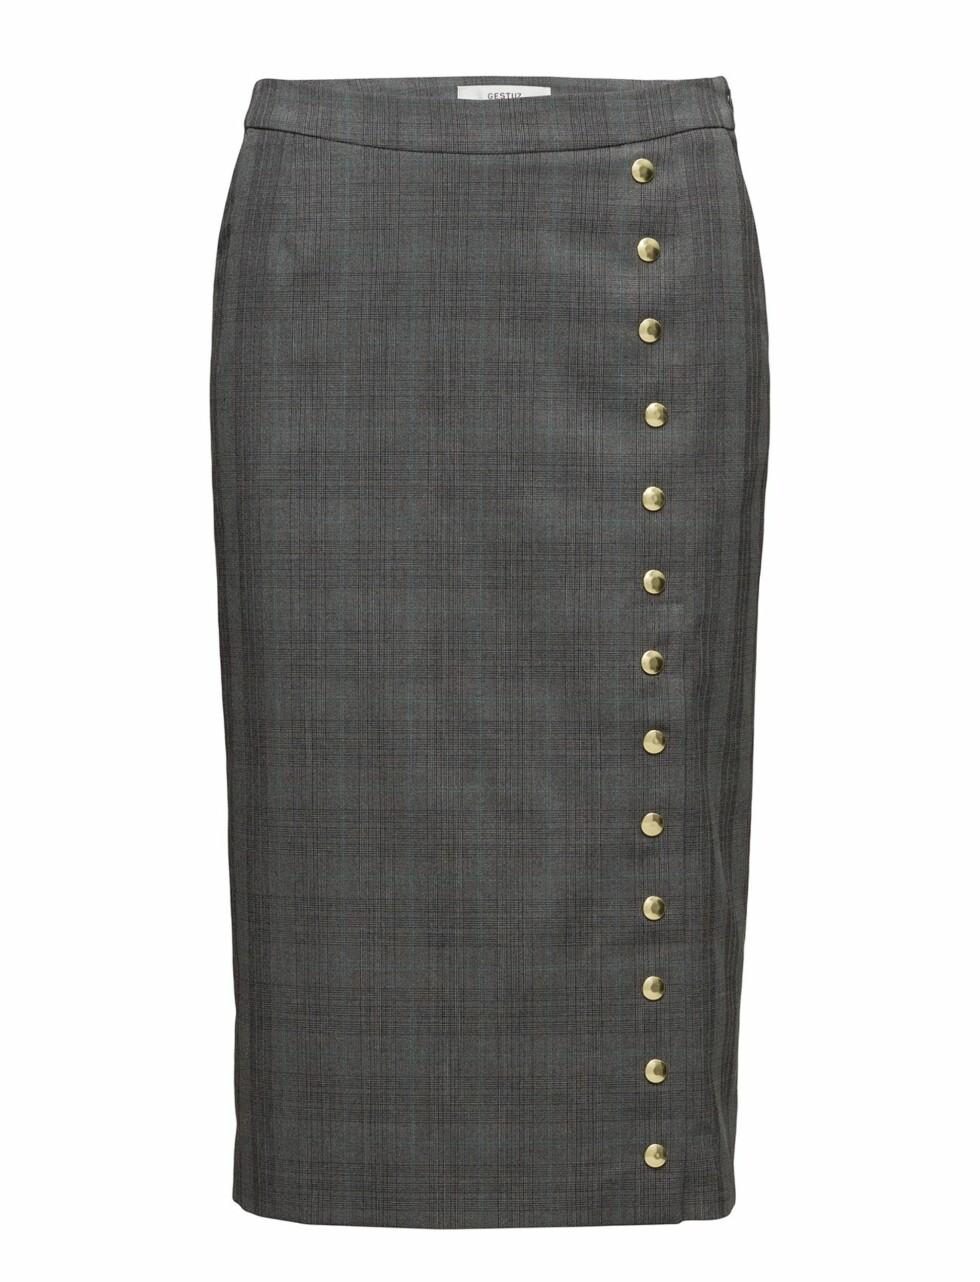 Skjørt fra Gestuz |1799,-| https://www.boozt.com/no/no/gestuz/cheril-skirt-so18_16087624/16087625?navId=67461&group=listing&position=1000000